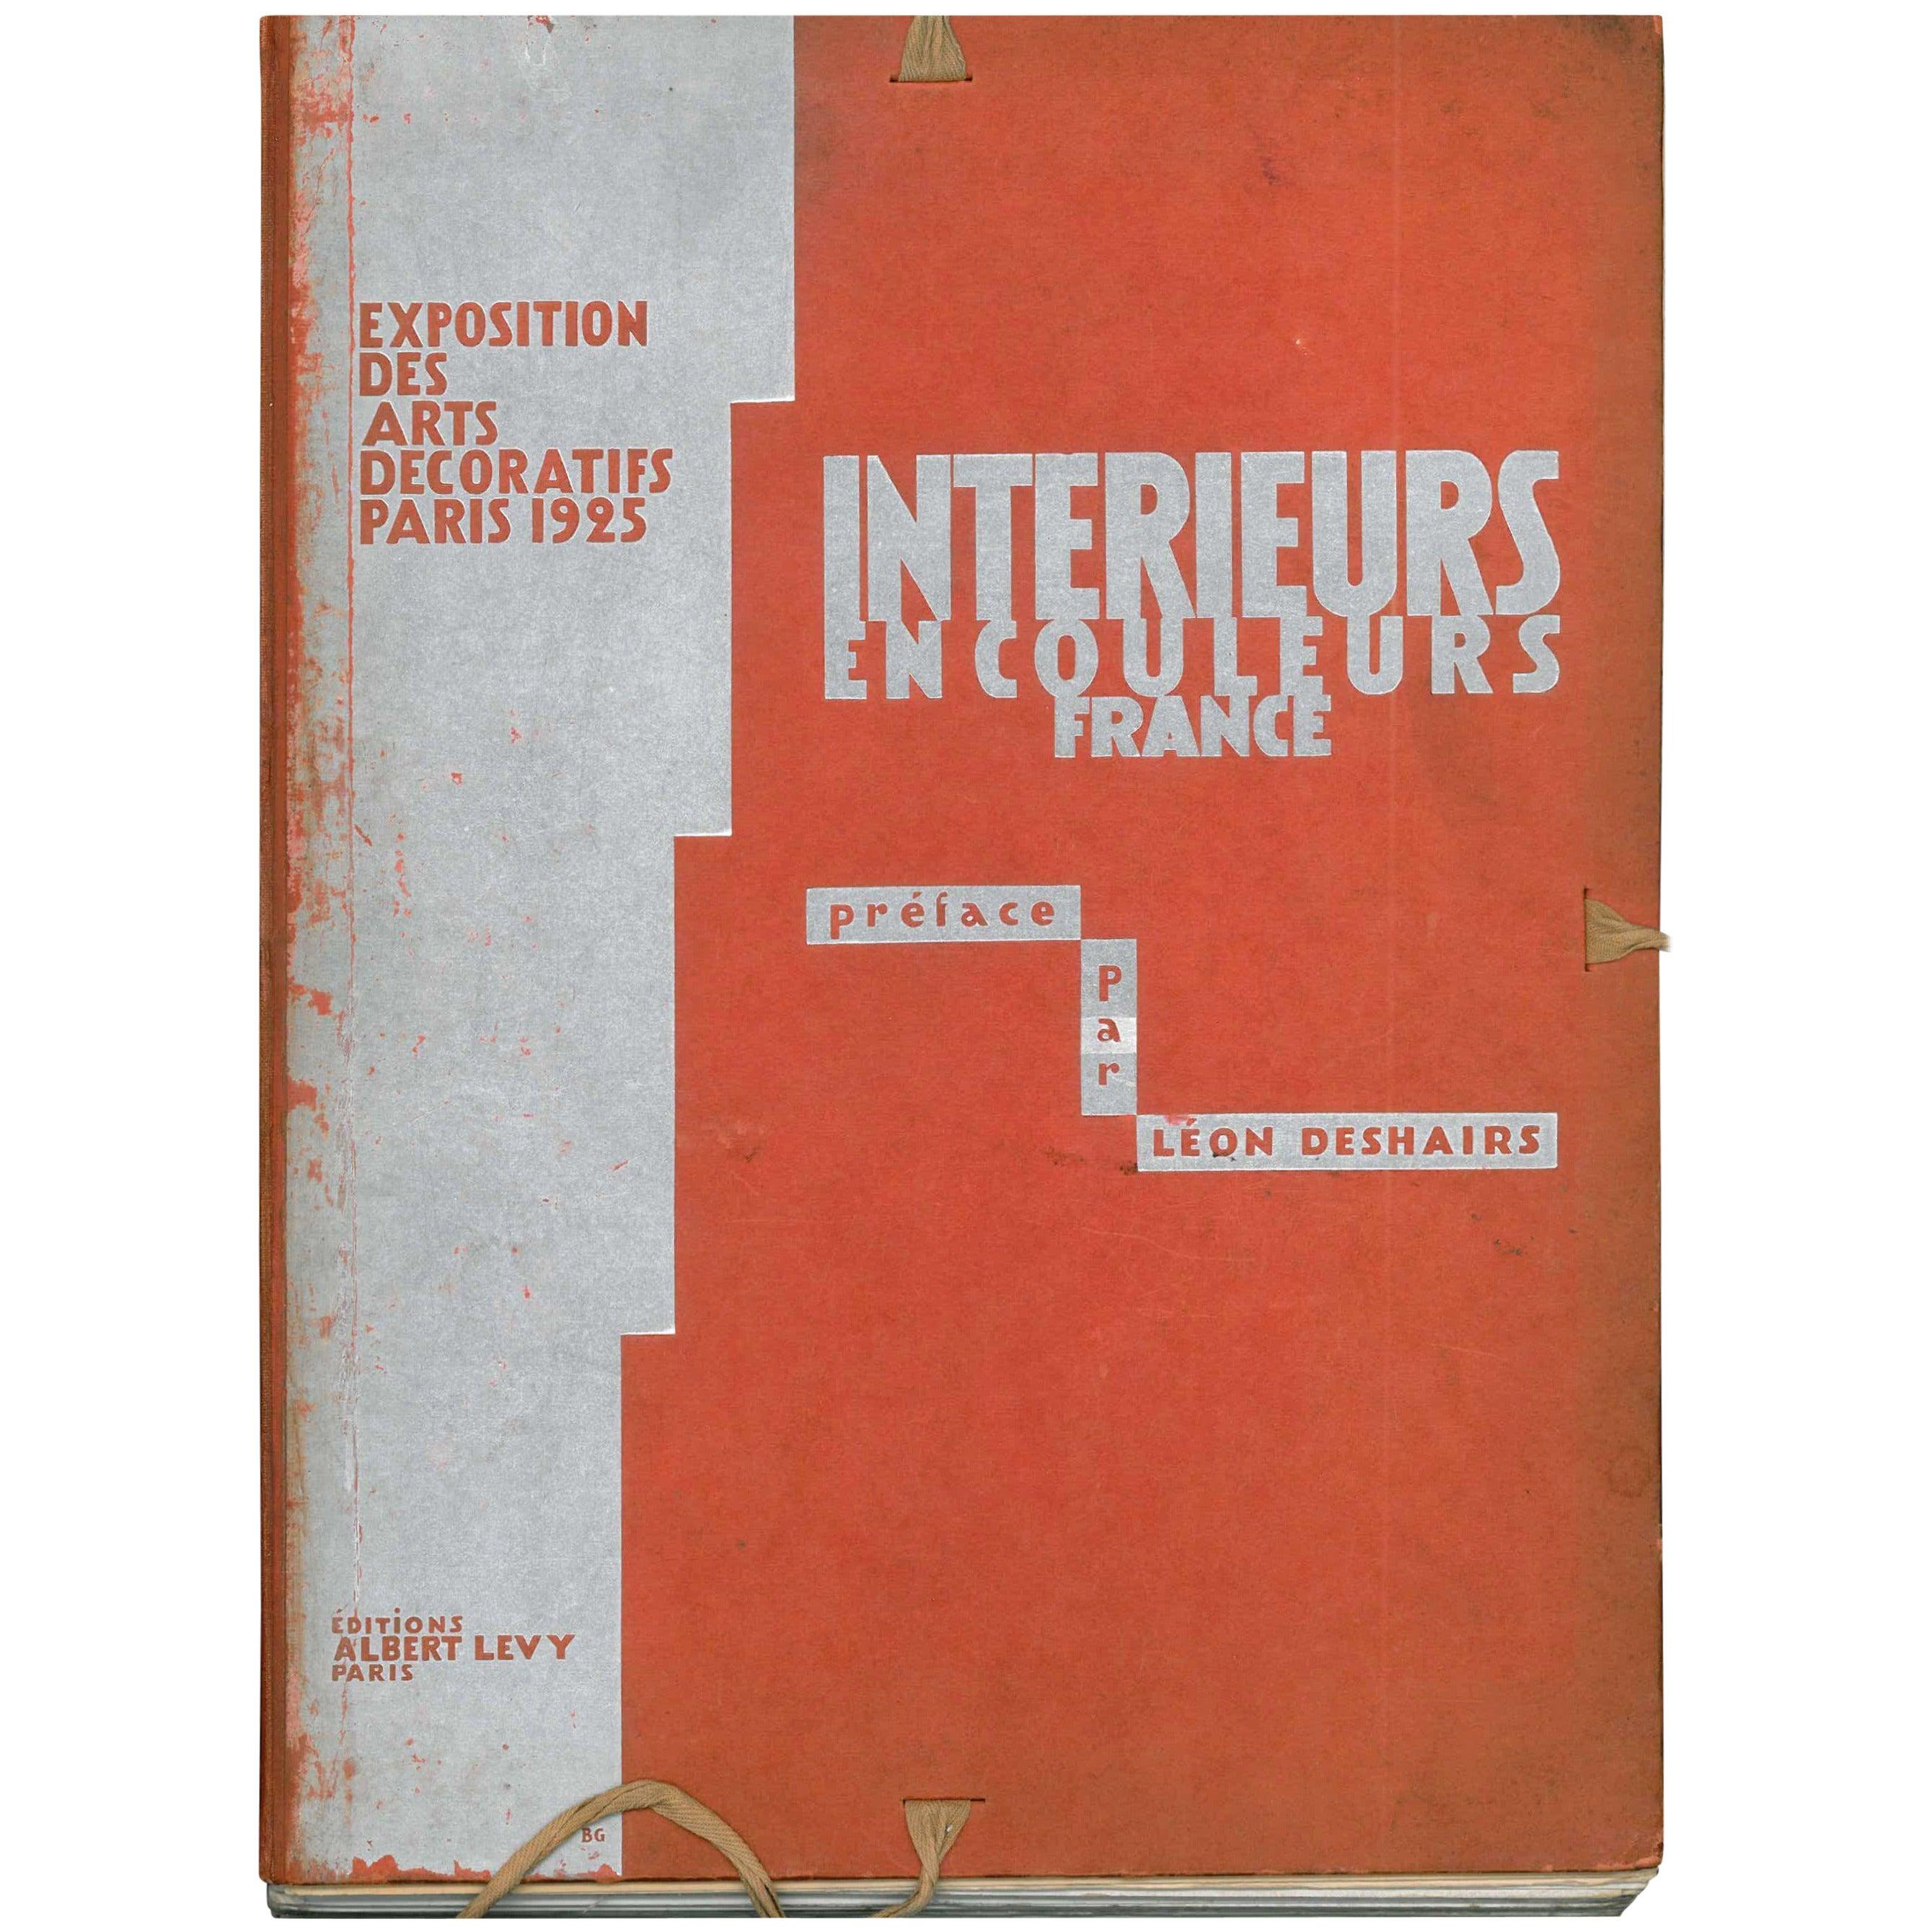 """""""Interieurs en Couleurs France, Exposition des Arts Decoratifs 1925 Folio,"""" Book"""